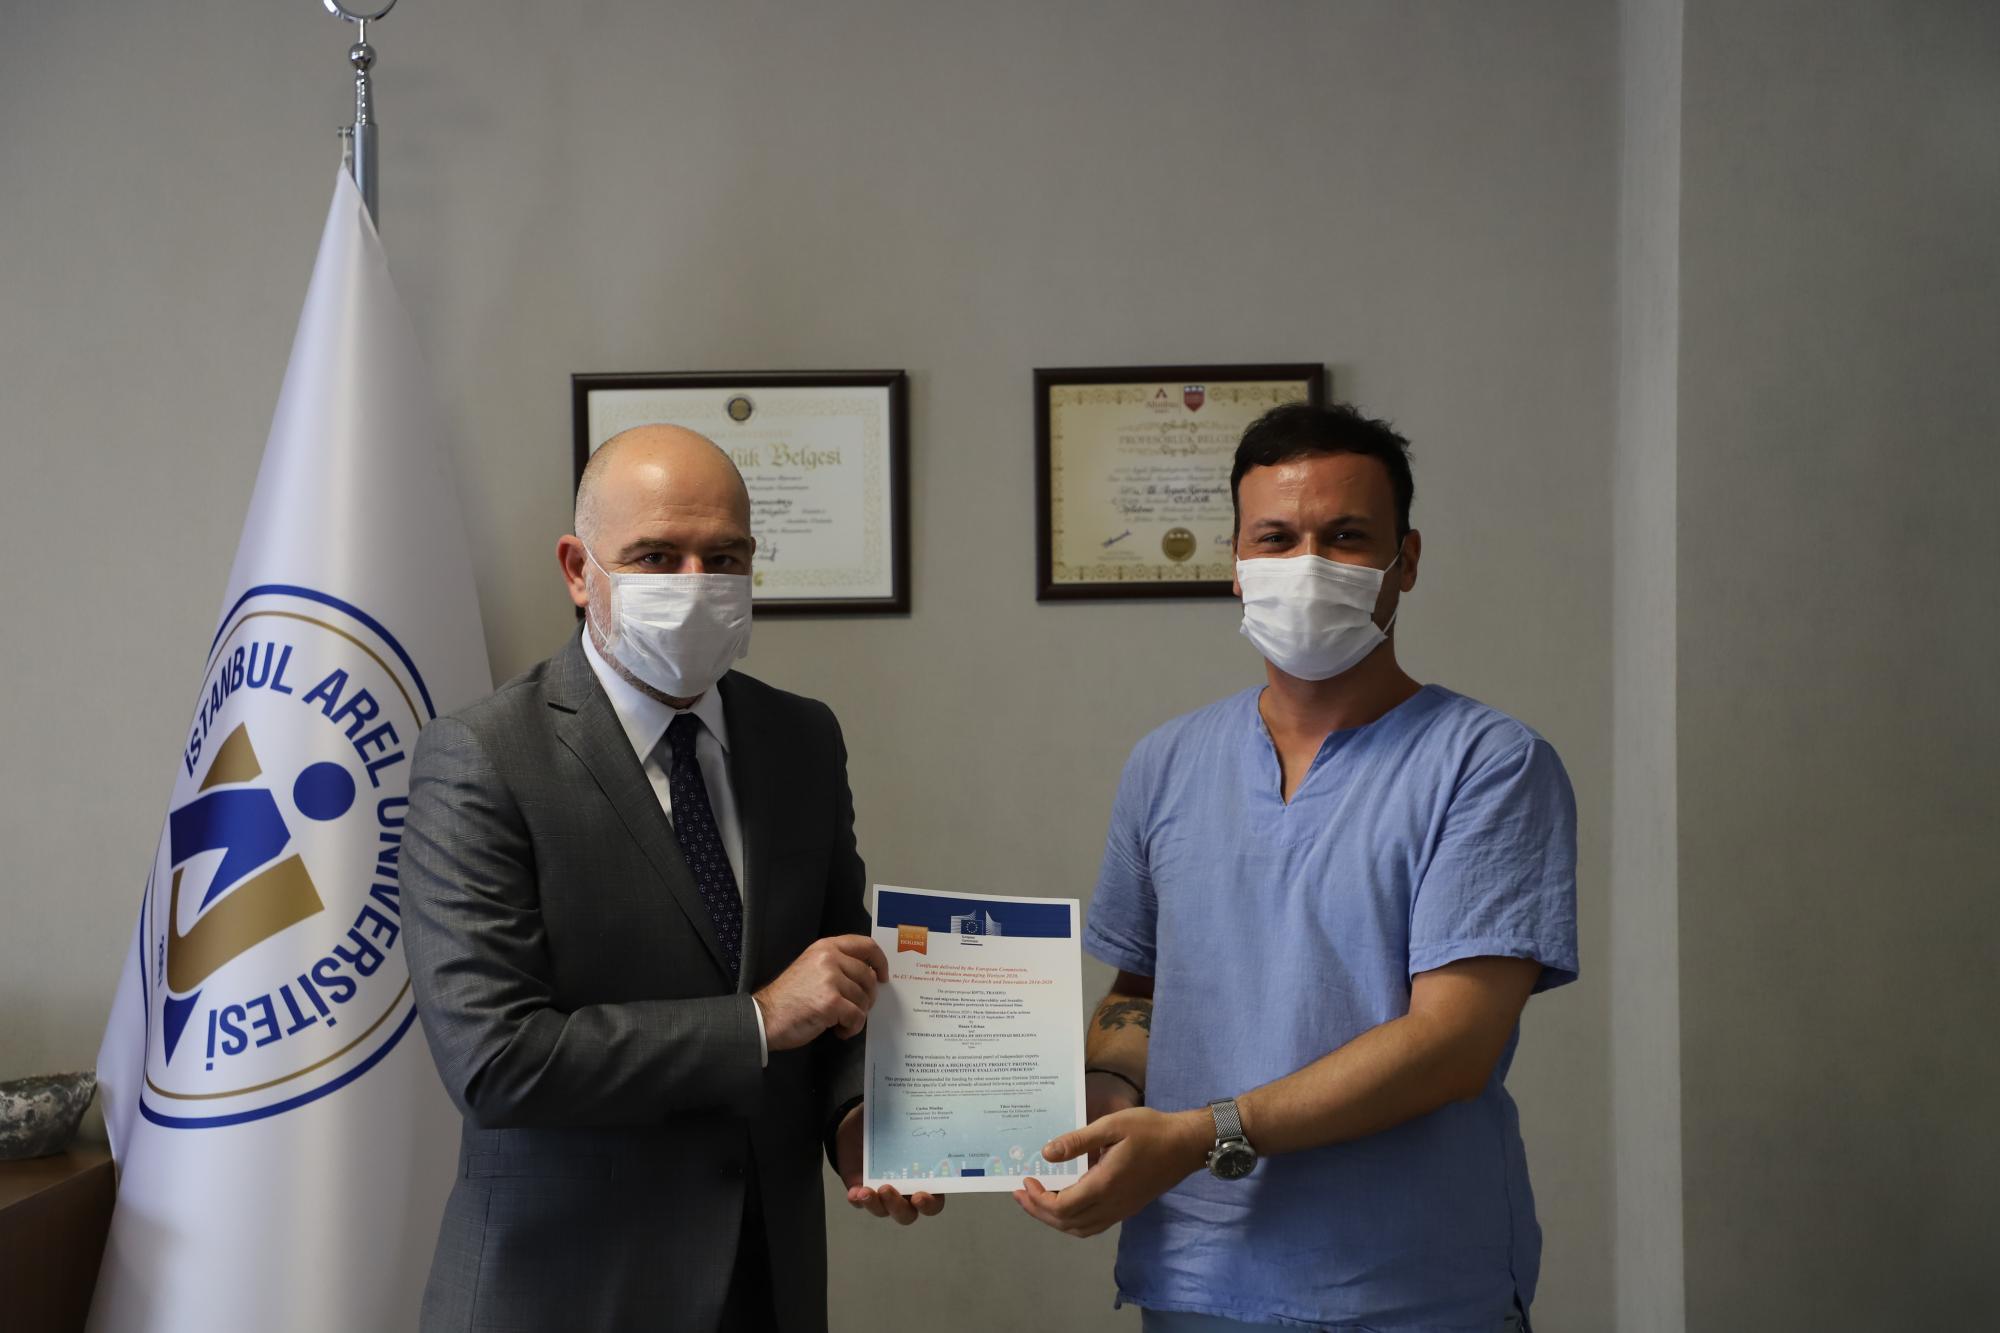 Avrupa Komisyonu'ndan Dr. Öğr. Üyesi Hasan Gürkan'a Ödül